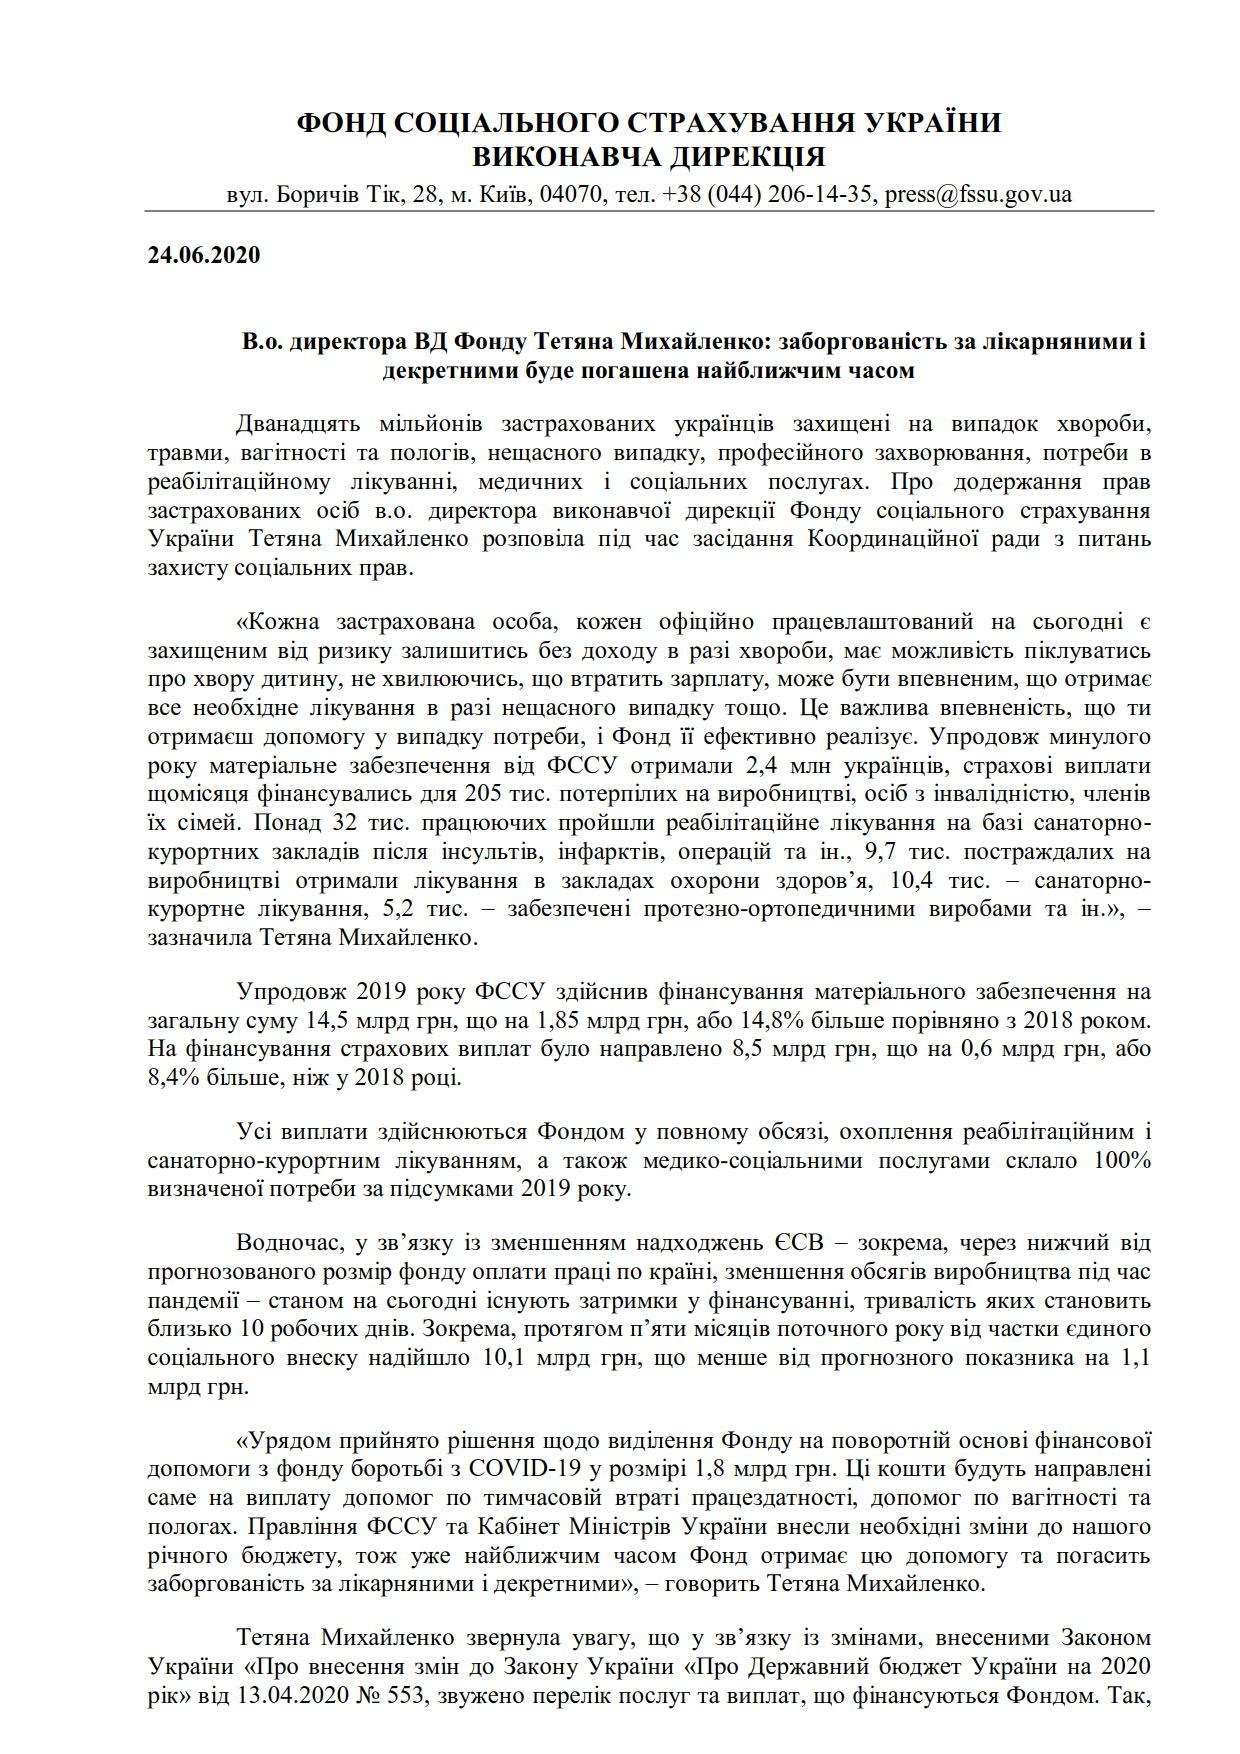 ФССУ_координаційна рада_1